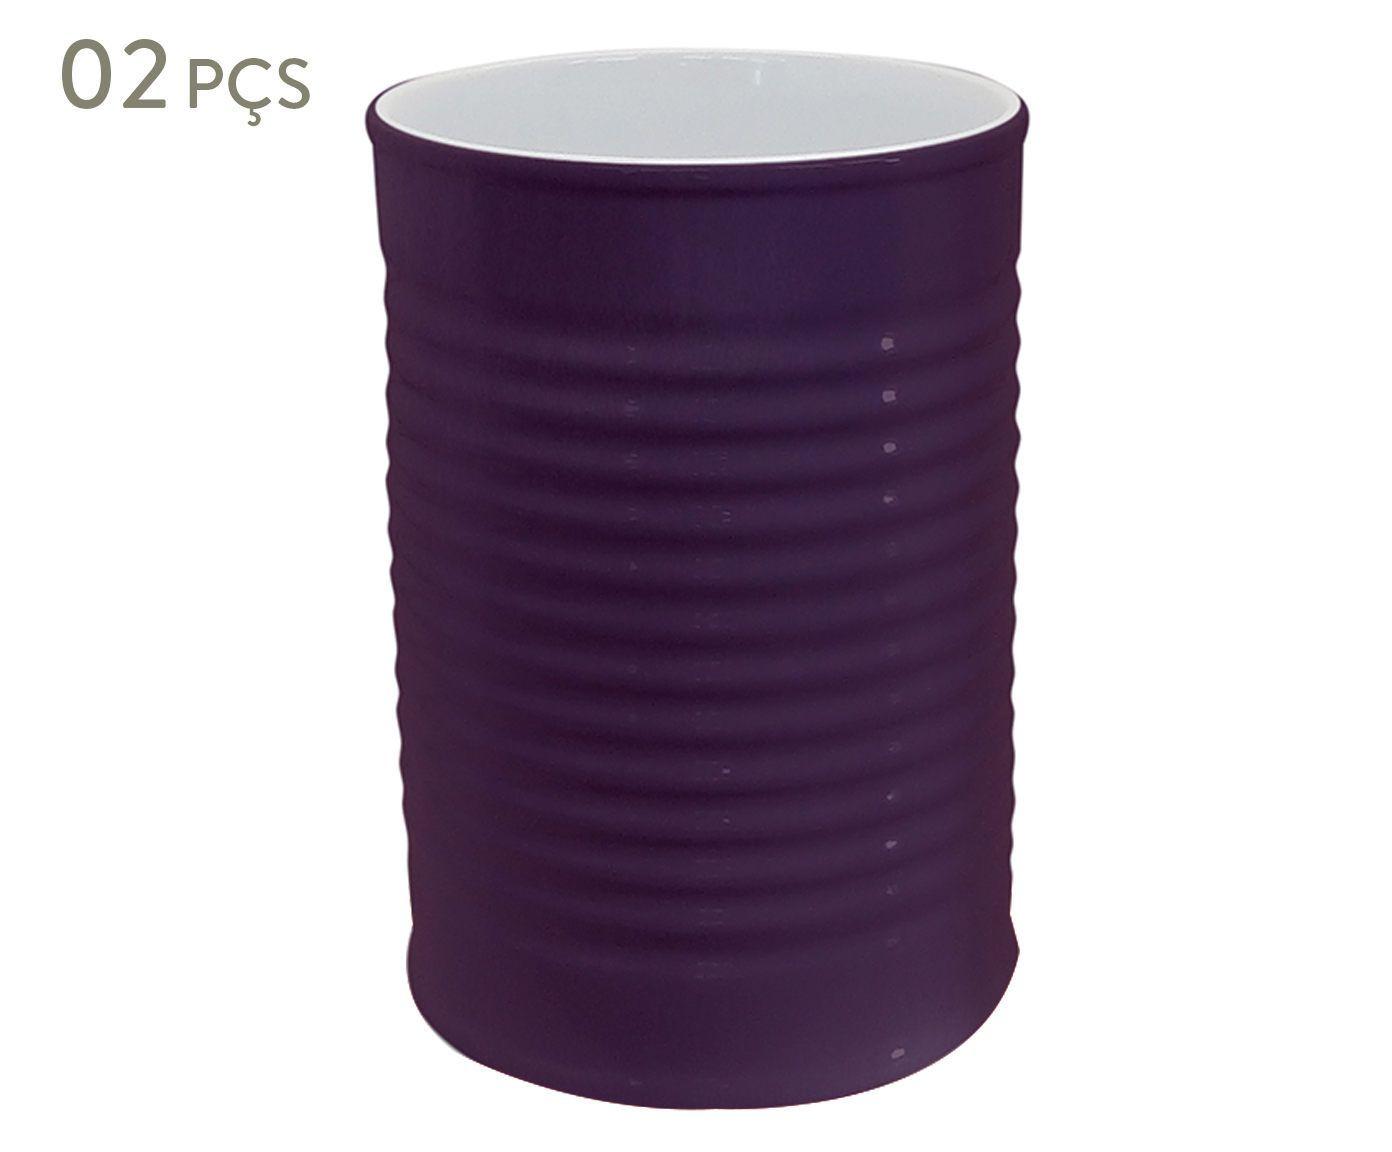 Conjunto de Porta-utensílios Espalier - Effect 1300 ml | Westwing.com.br